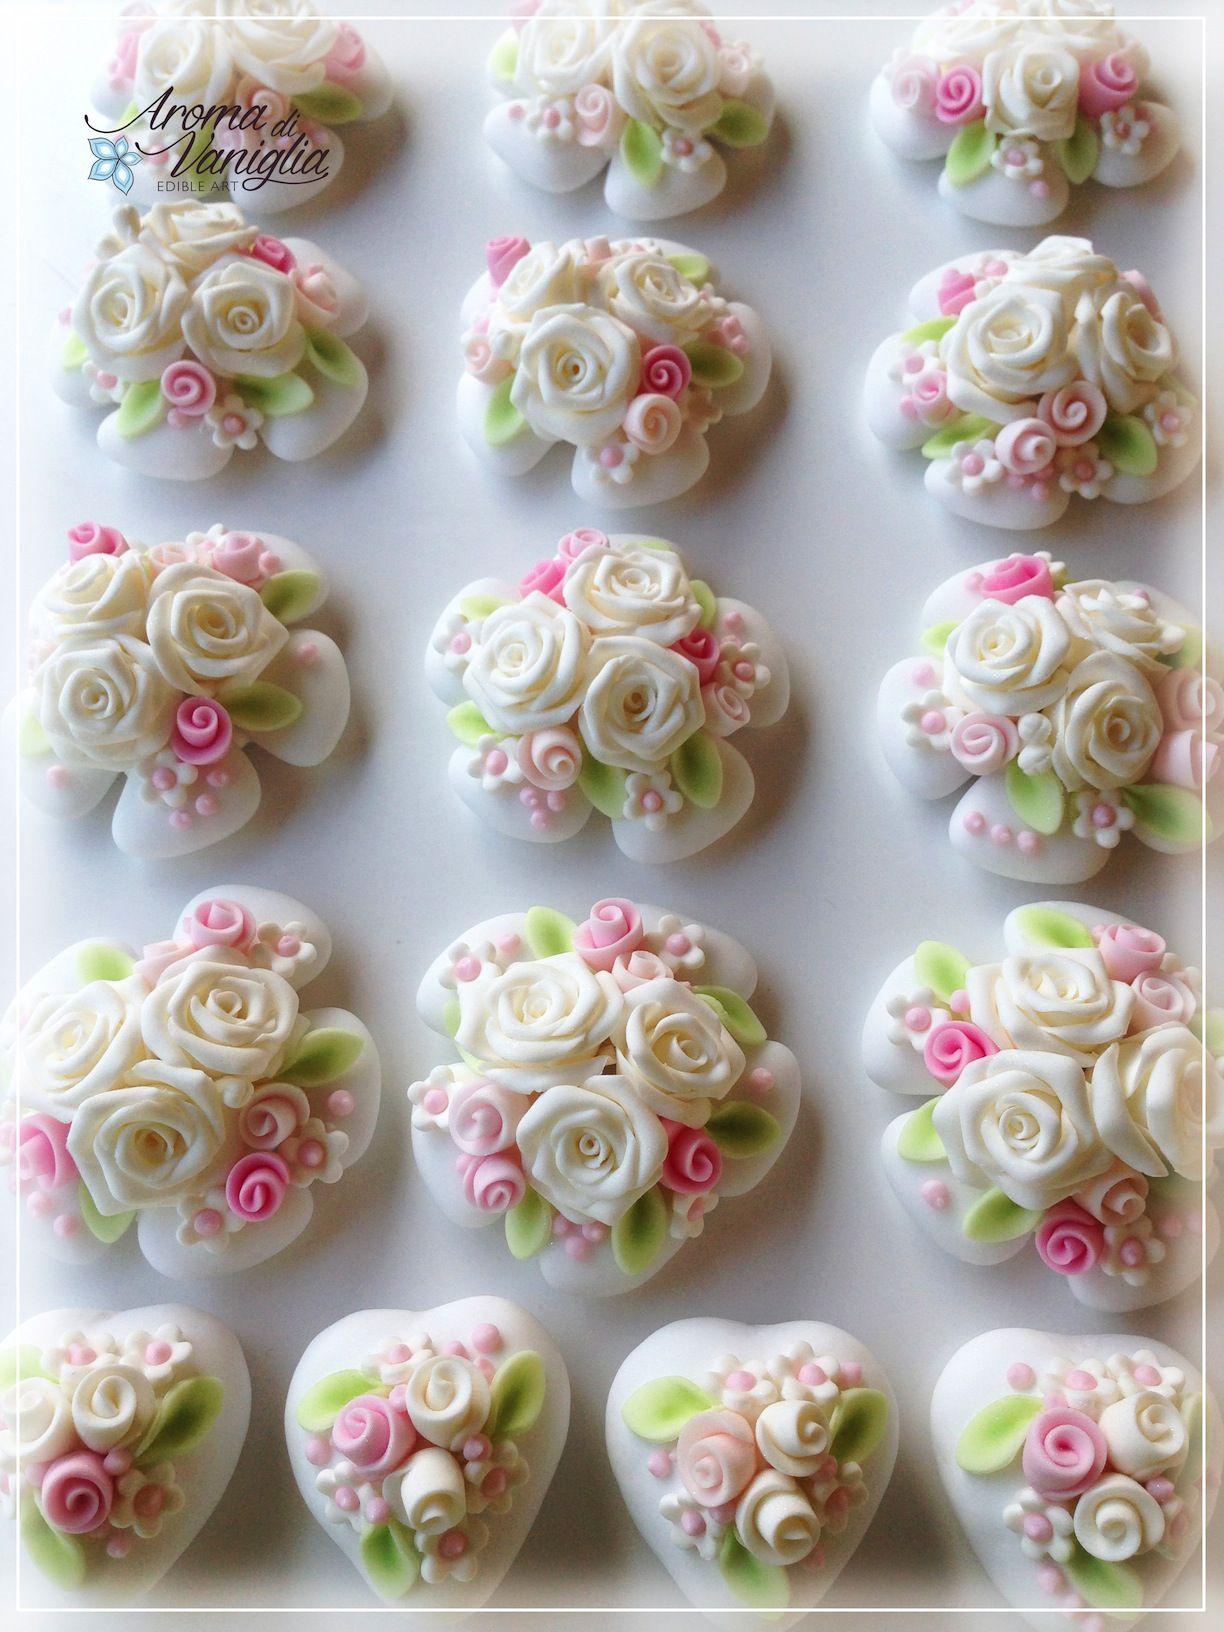 Bomboniere Matrimonio Pasta Di Zucchero.Per L Originale Matrimonio Di Mariagiovanna Ecco Pronte